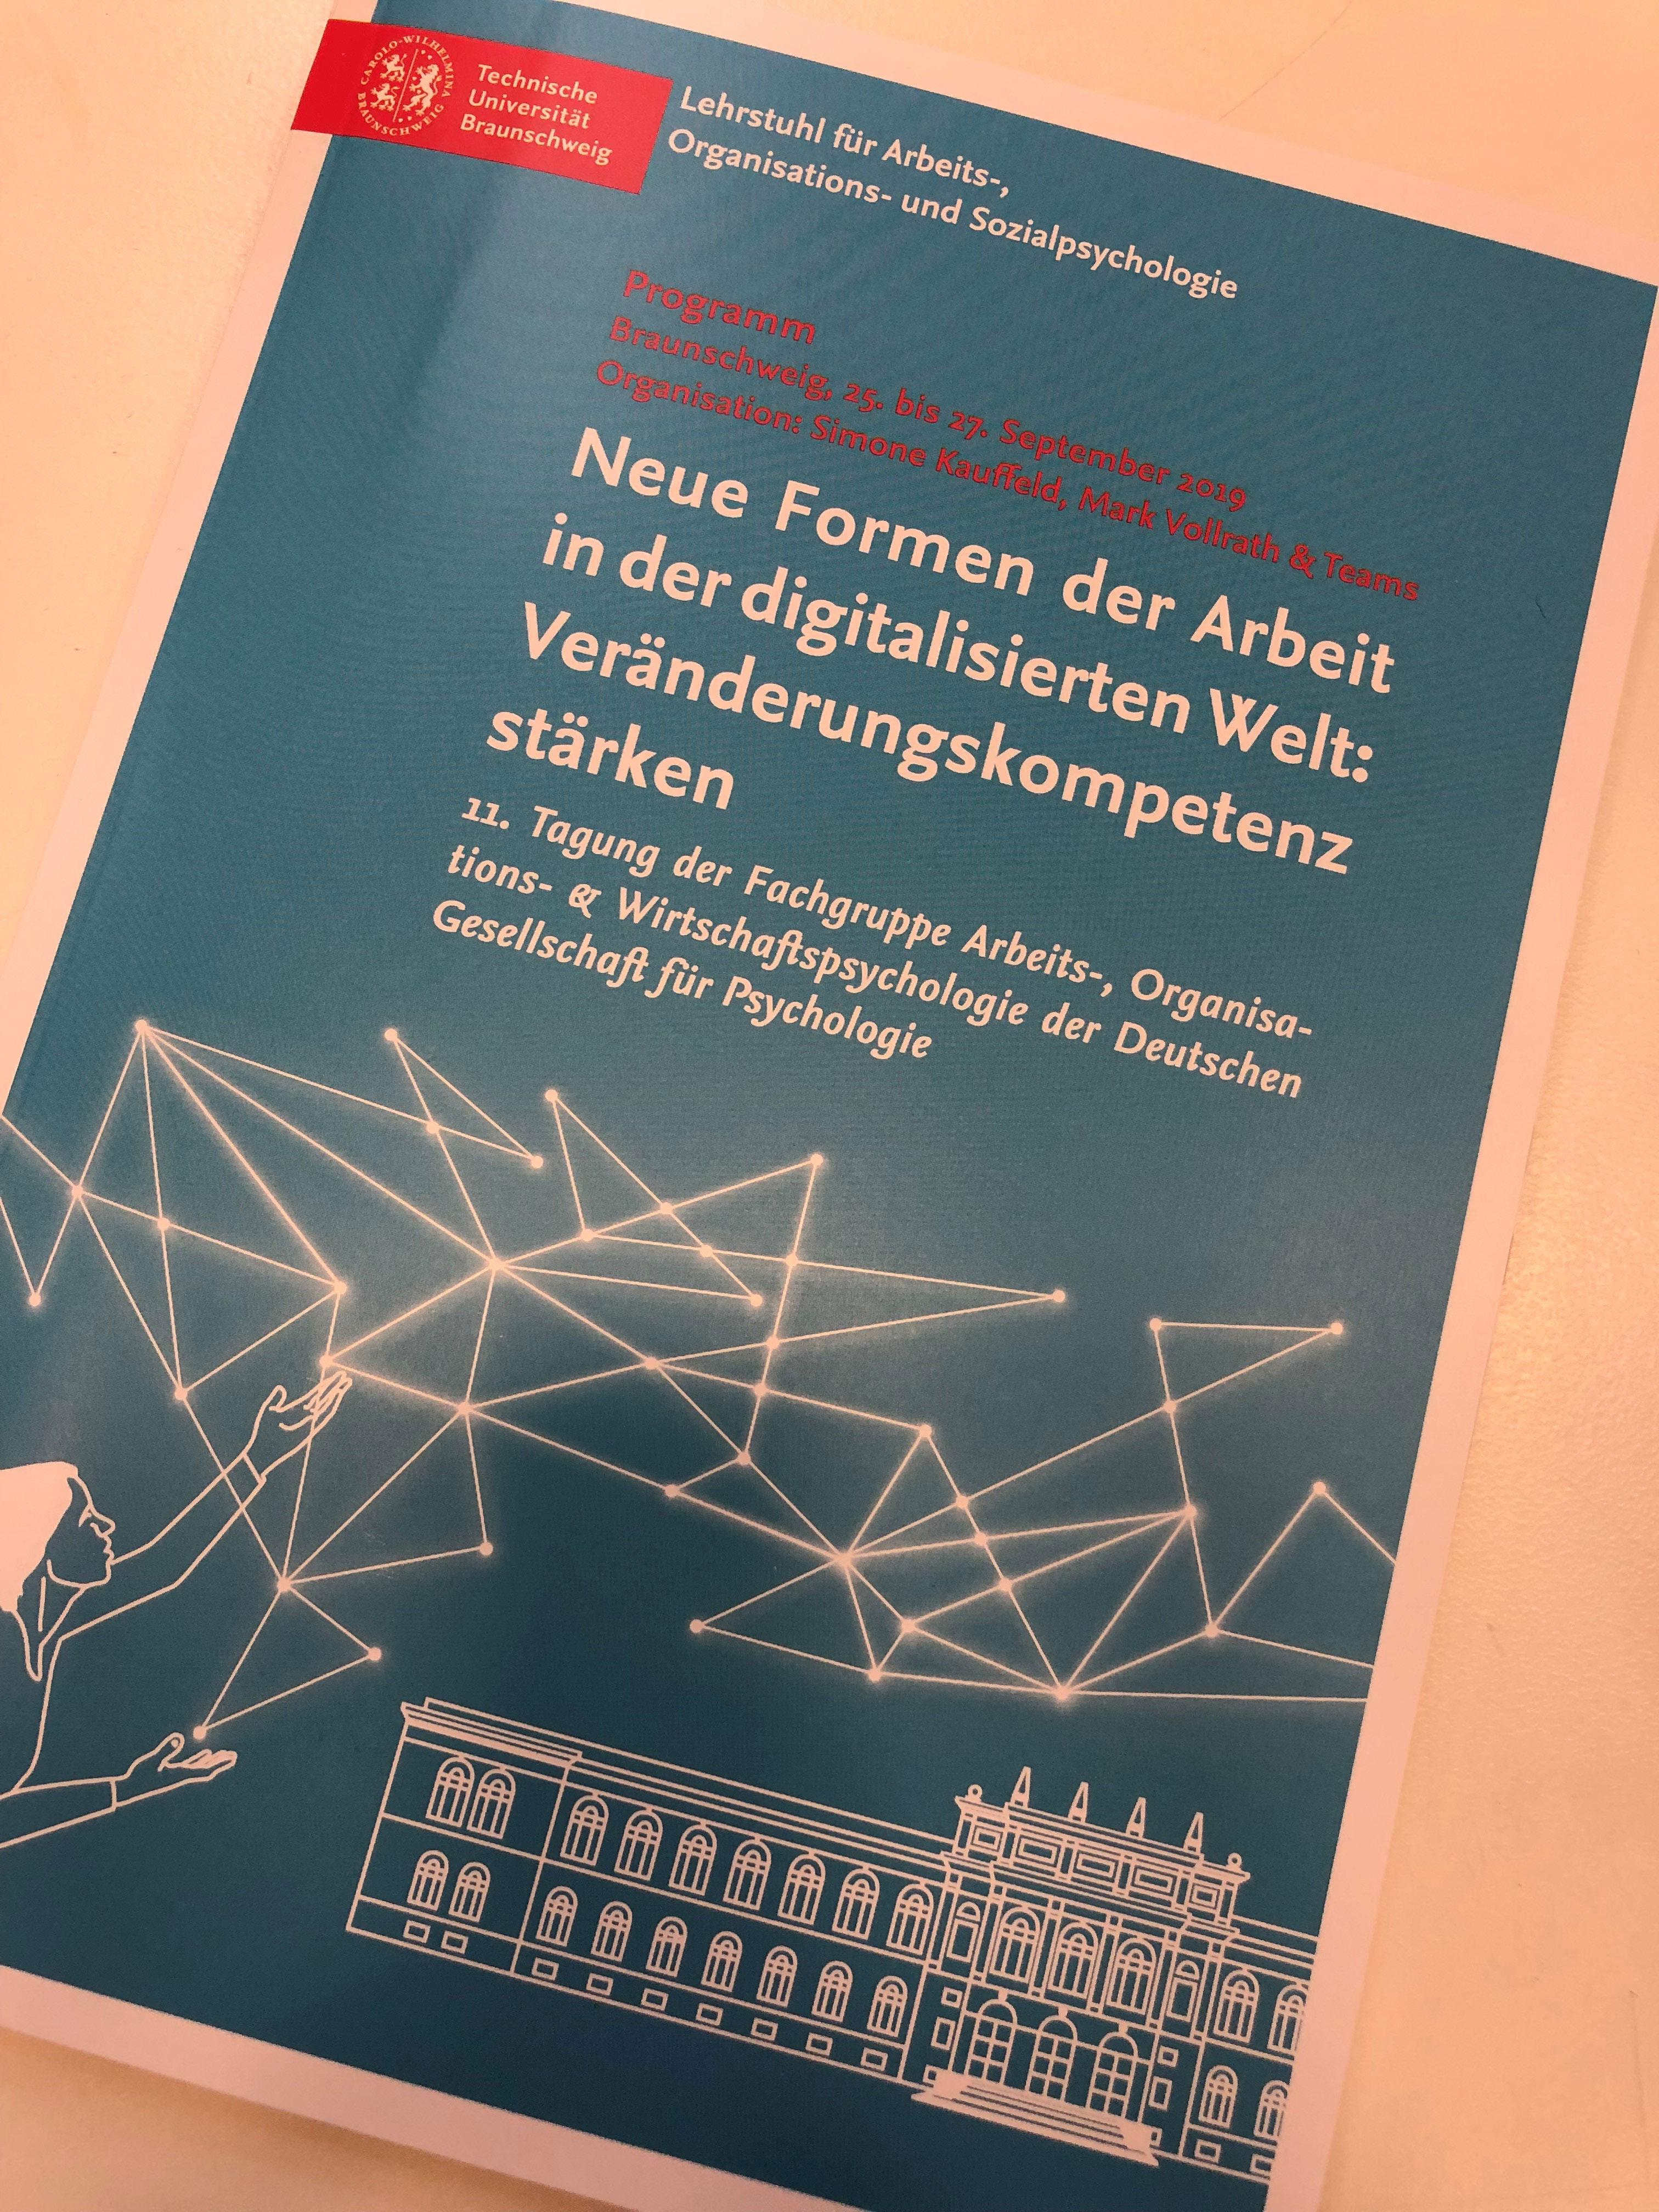 Tagung der Fachgruppe Arbeits-, Organisations-, und Wirtschaftspsychologie der Deutschen Gesellschaft für Psychologie